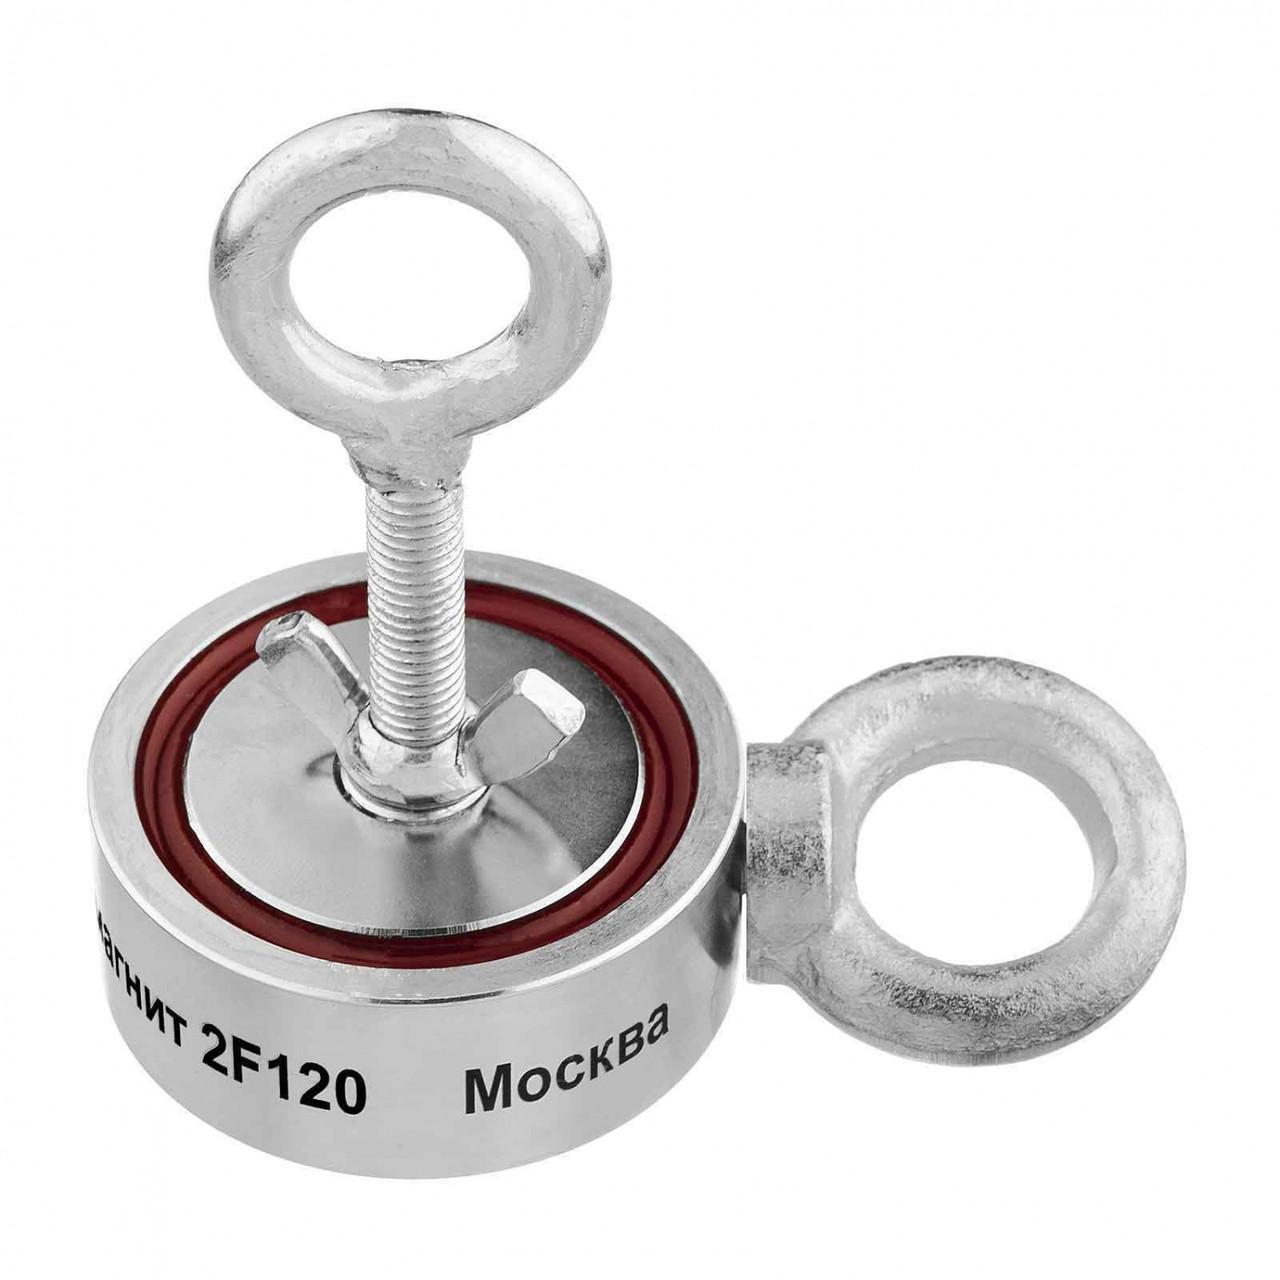 Двусторонний поисковый магнит НЕПРА 2F120